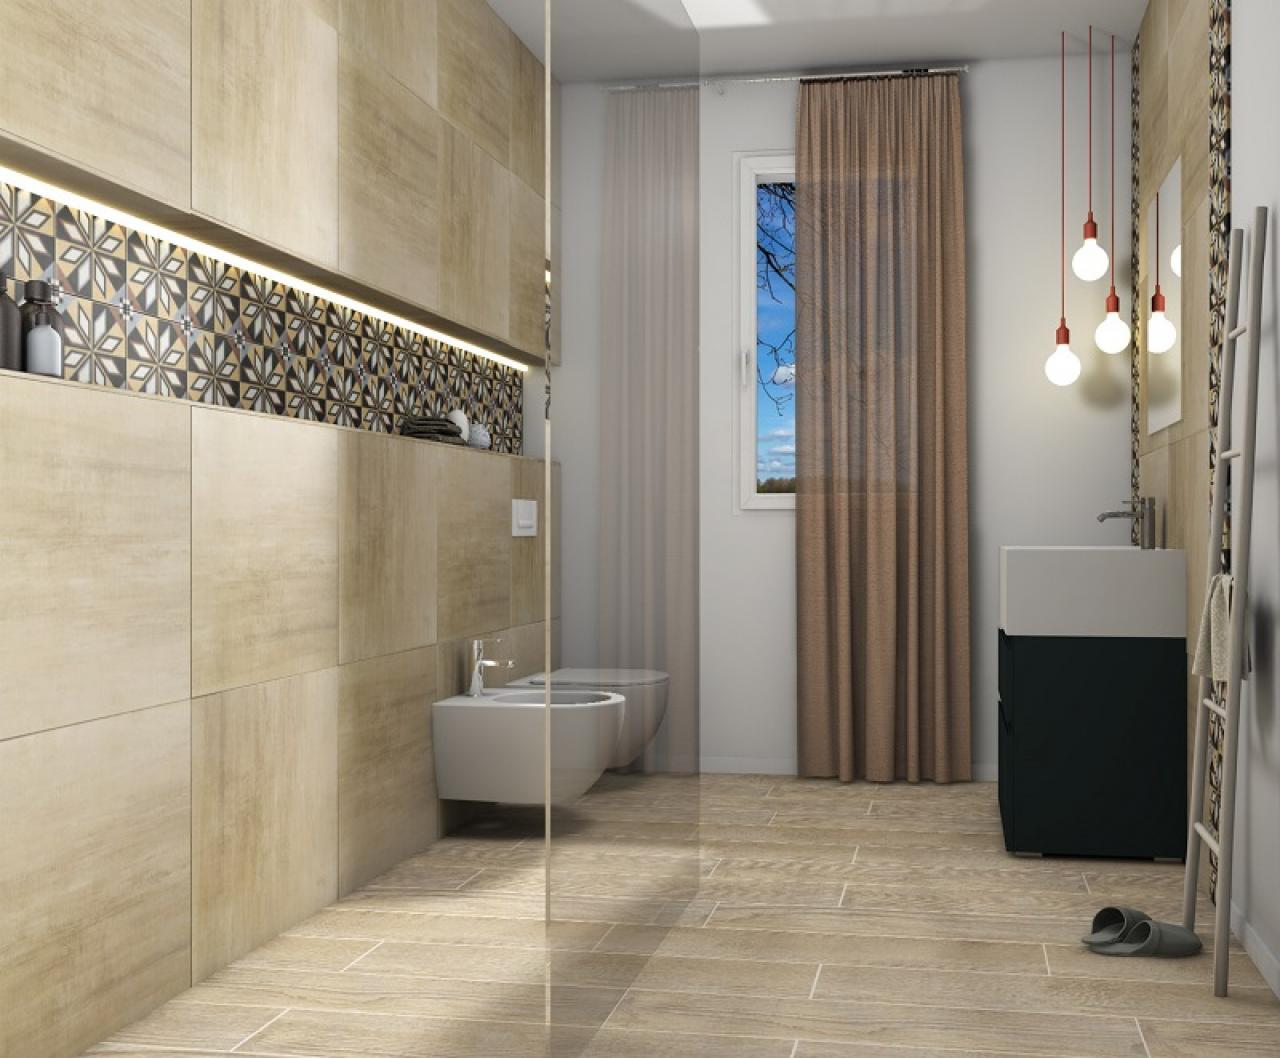 Il beige e i colori da abbinare nella stanza da bagno fratelli pellizzari - Piastrelle color tortora ...